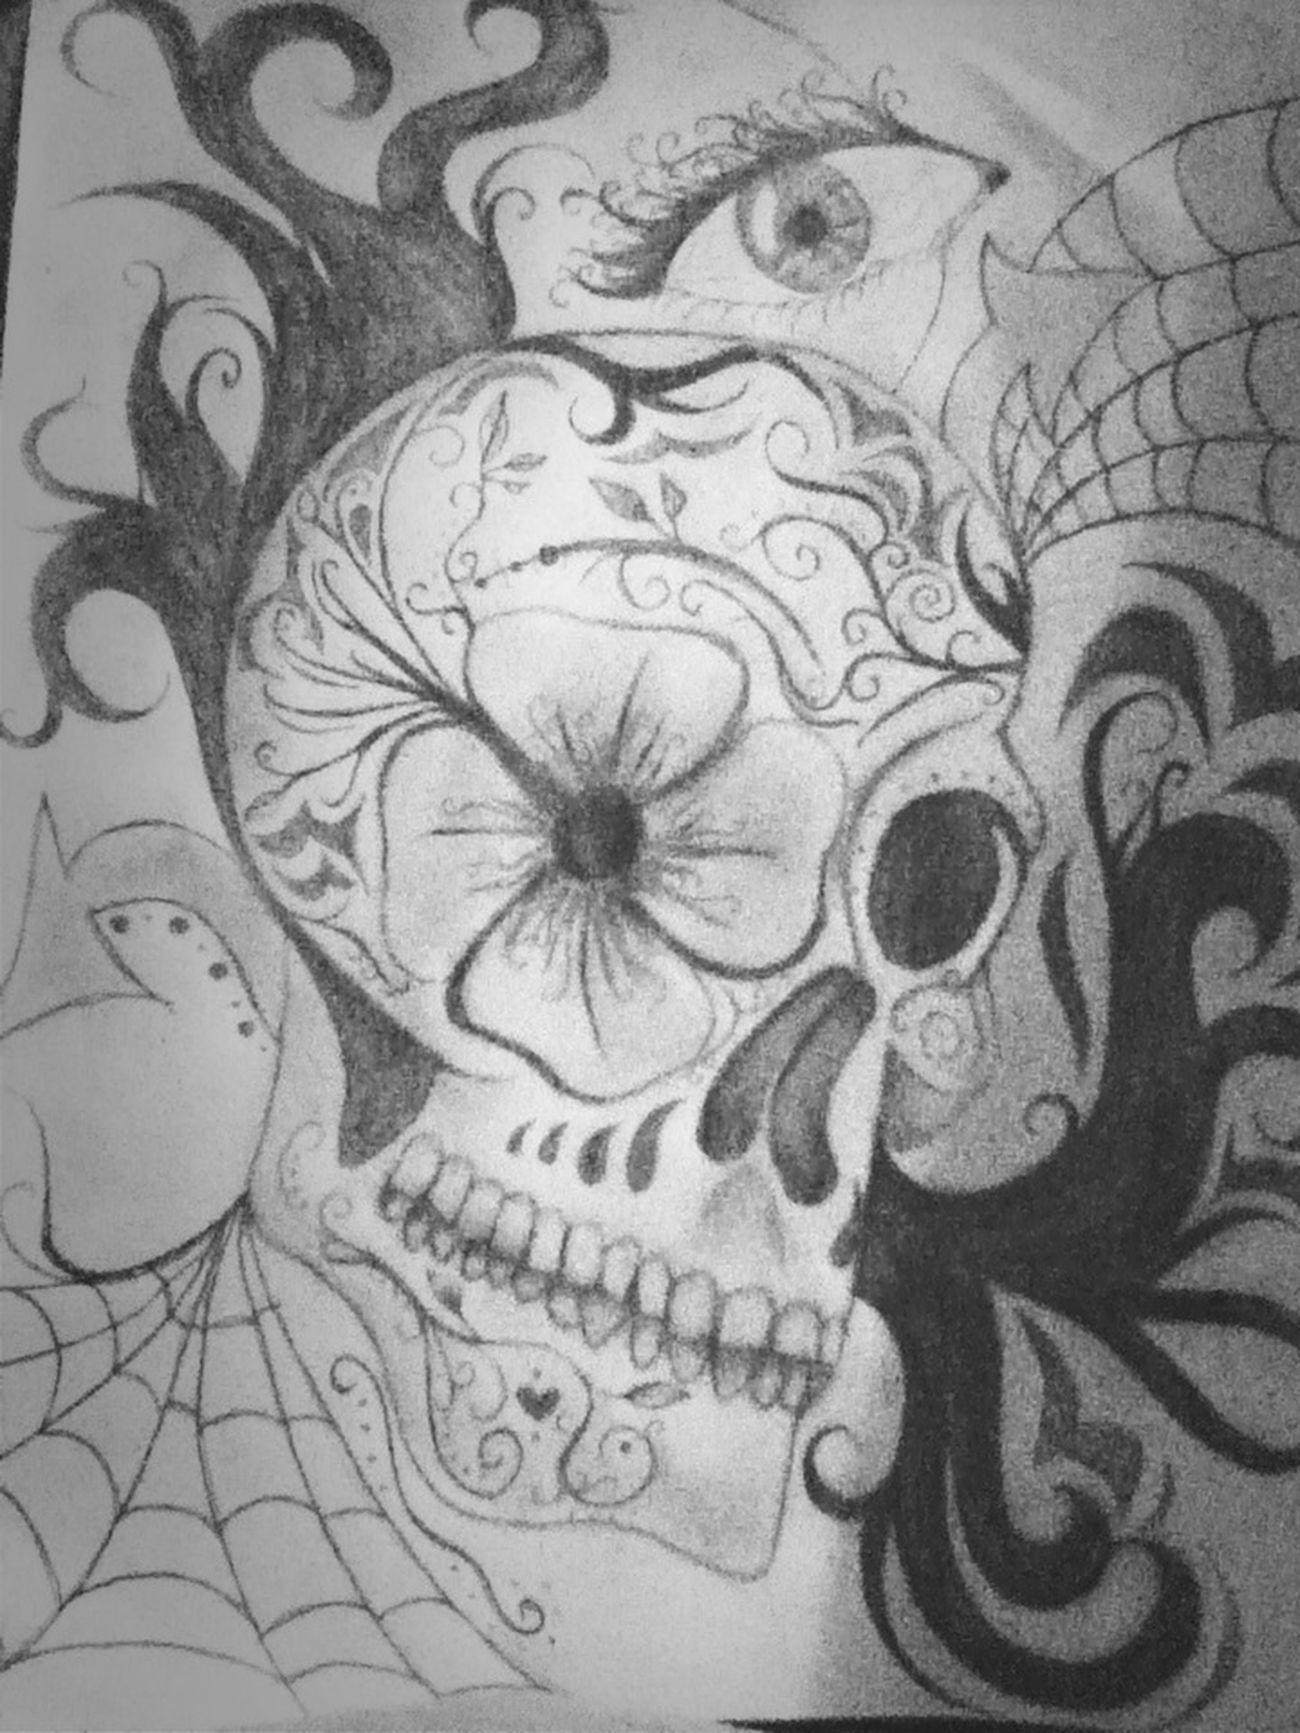 #sugarskull #drawing #hobby #fun #andstuff